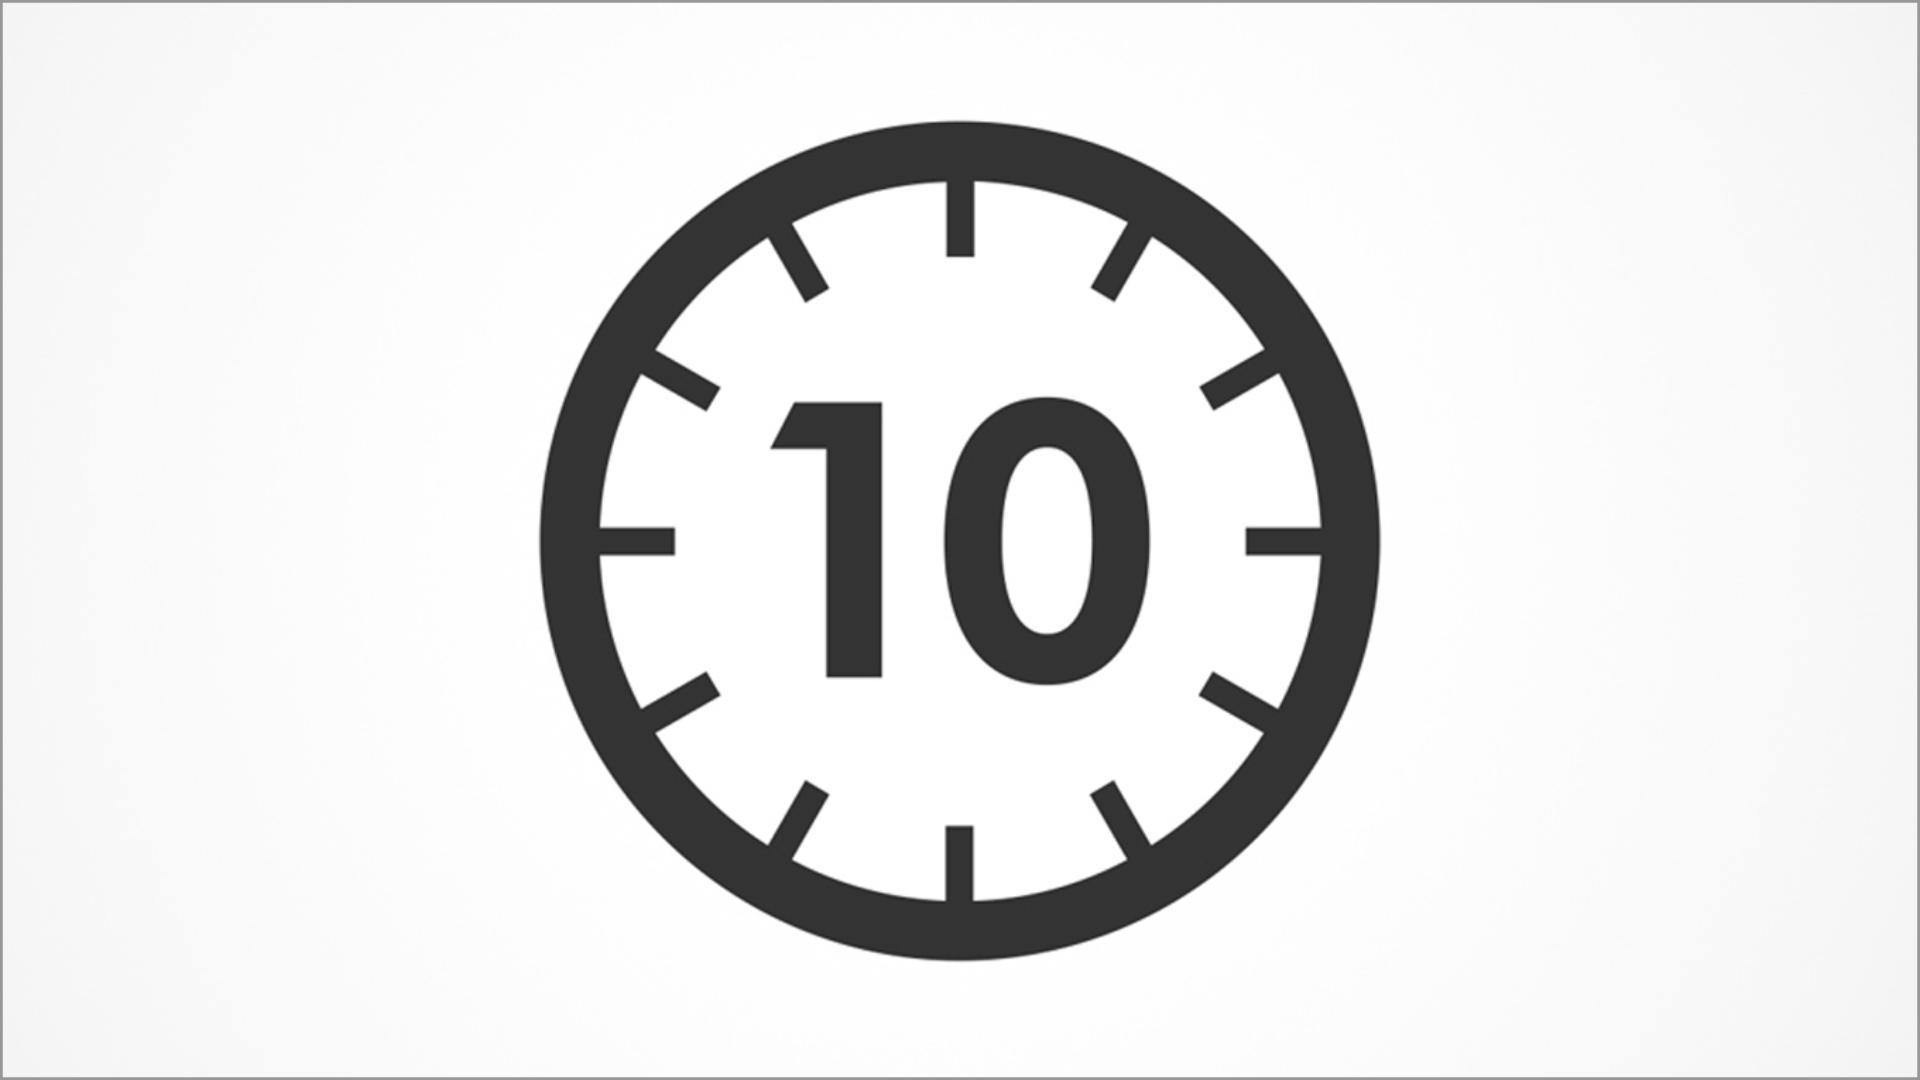 10 másodperc ikon